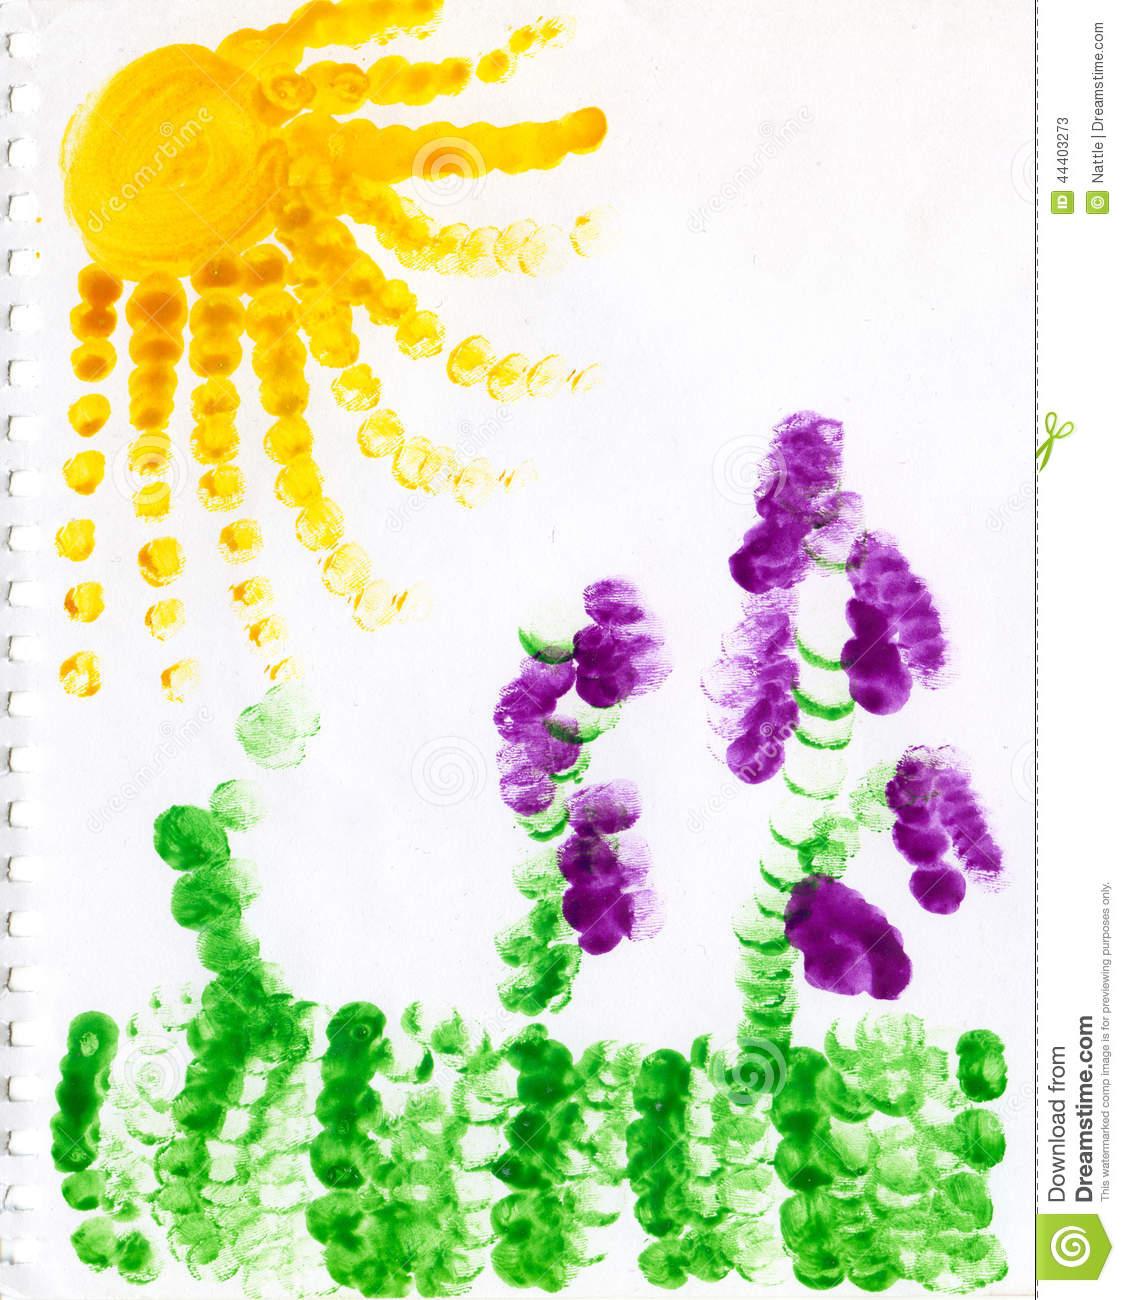 太阳-手指画图集2